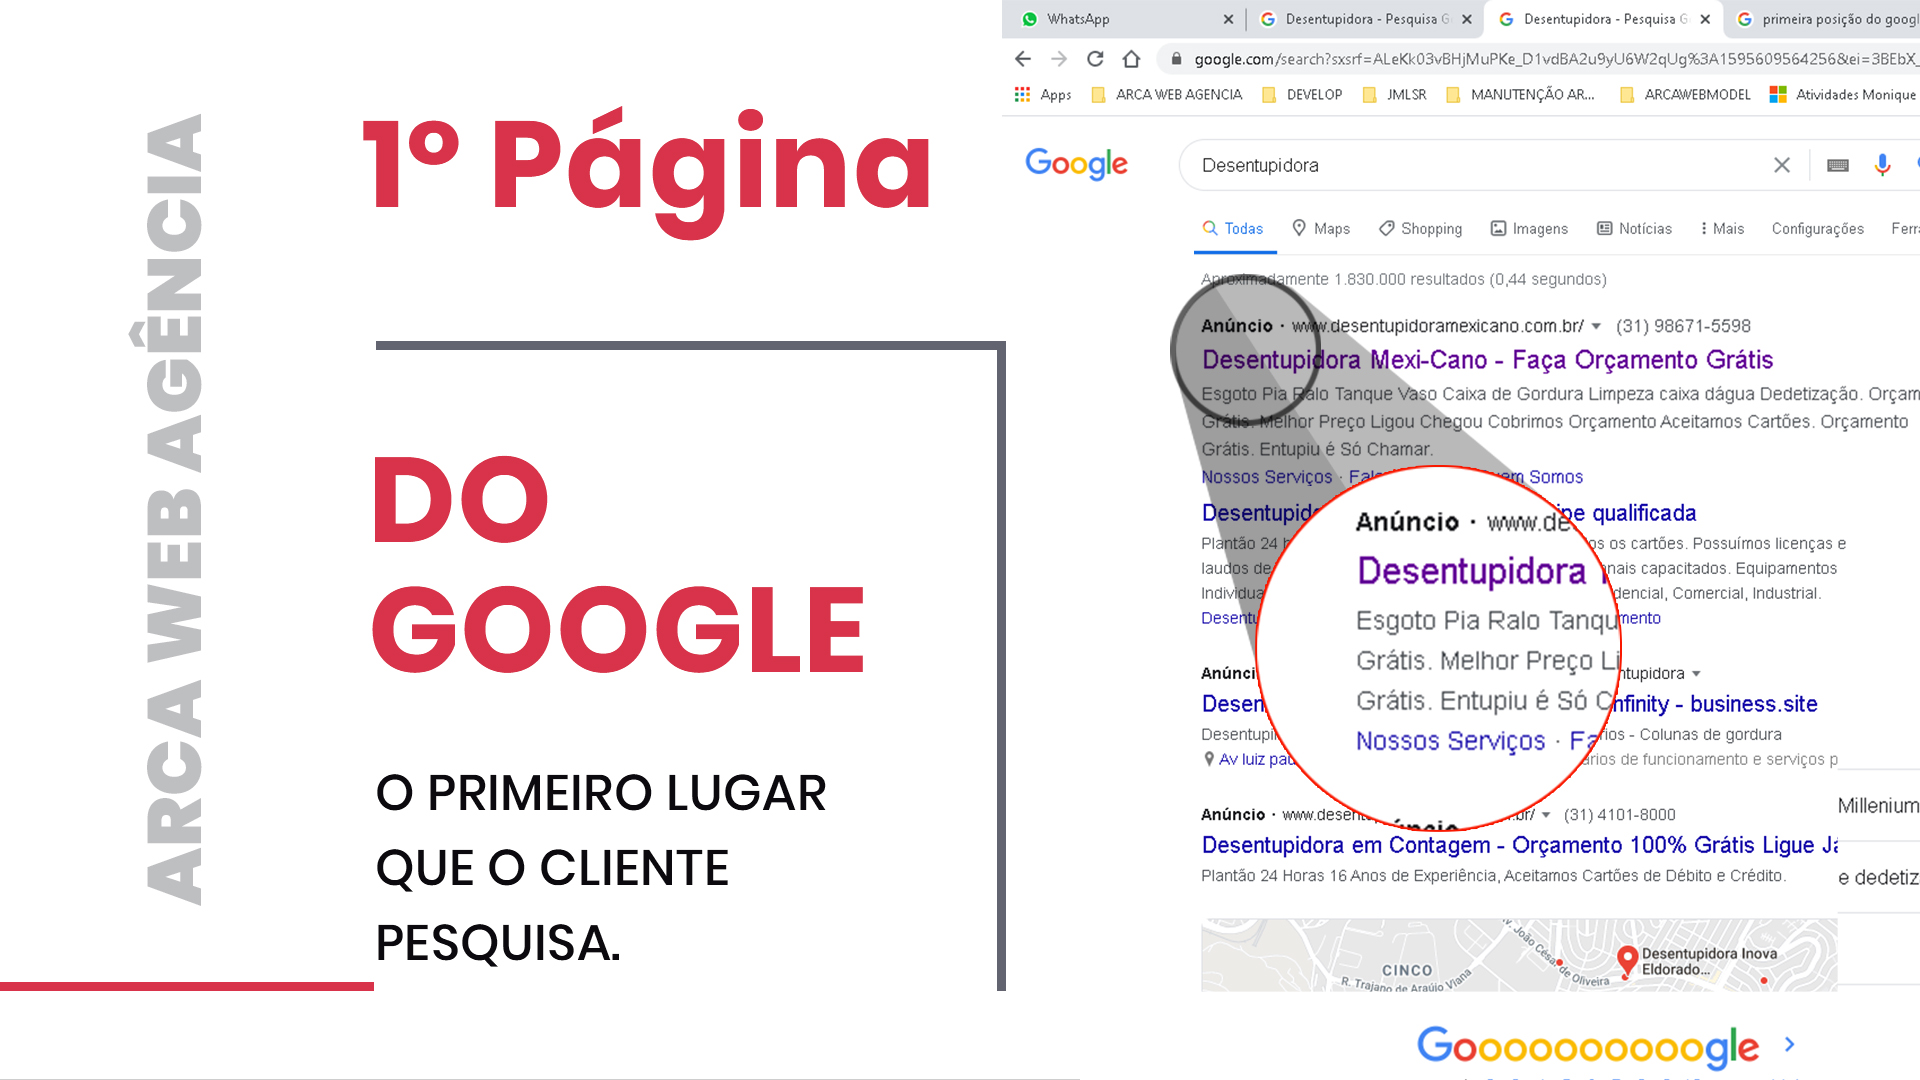 campanhas do google Arca Web Agência